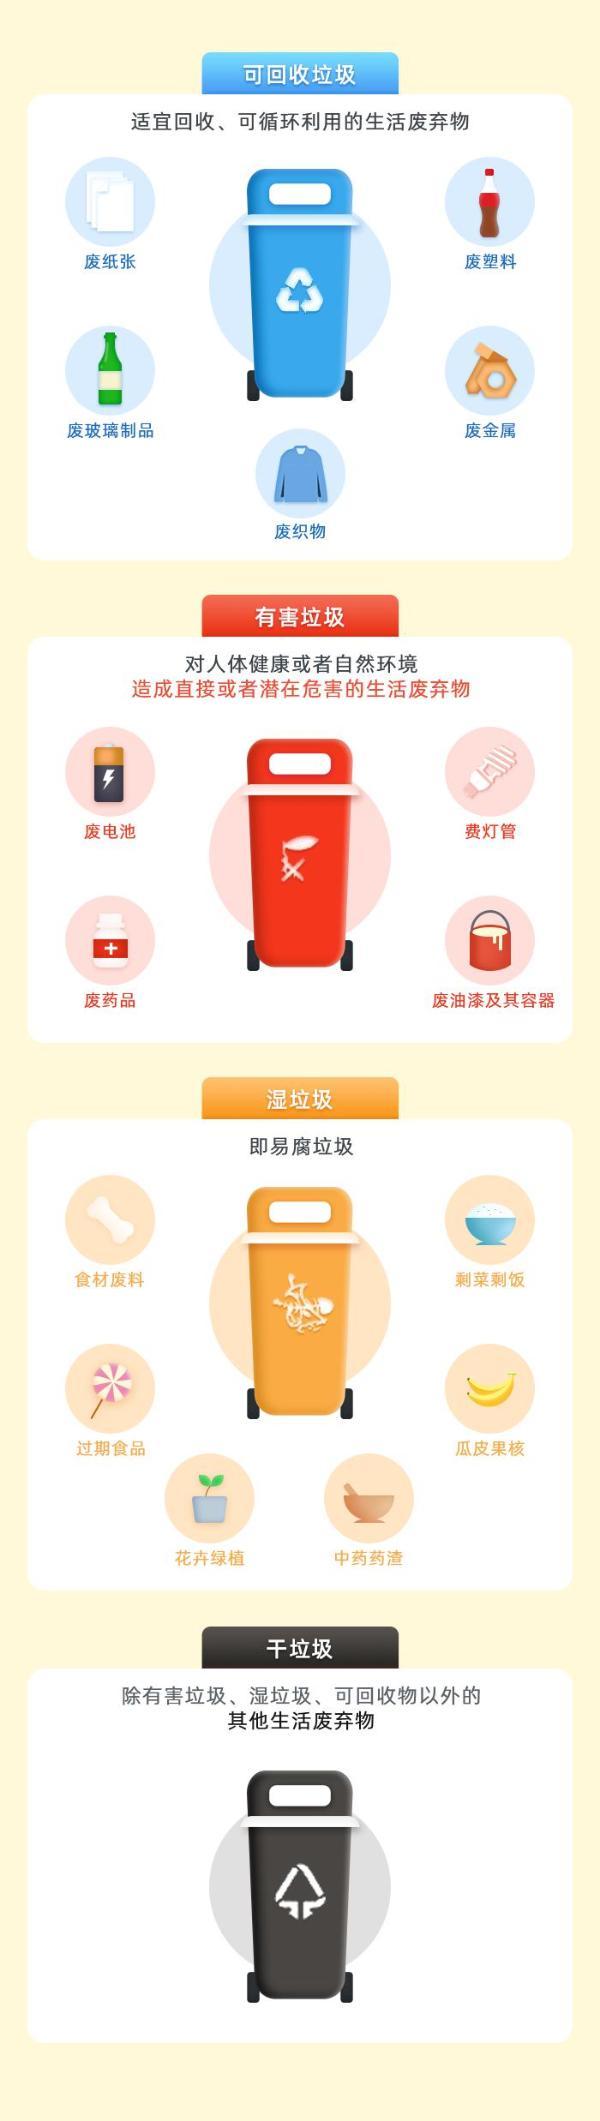 """""""绿色,环保,创新""""---中国国际橡胶技术开启绿色橡胶新时代"""